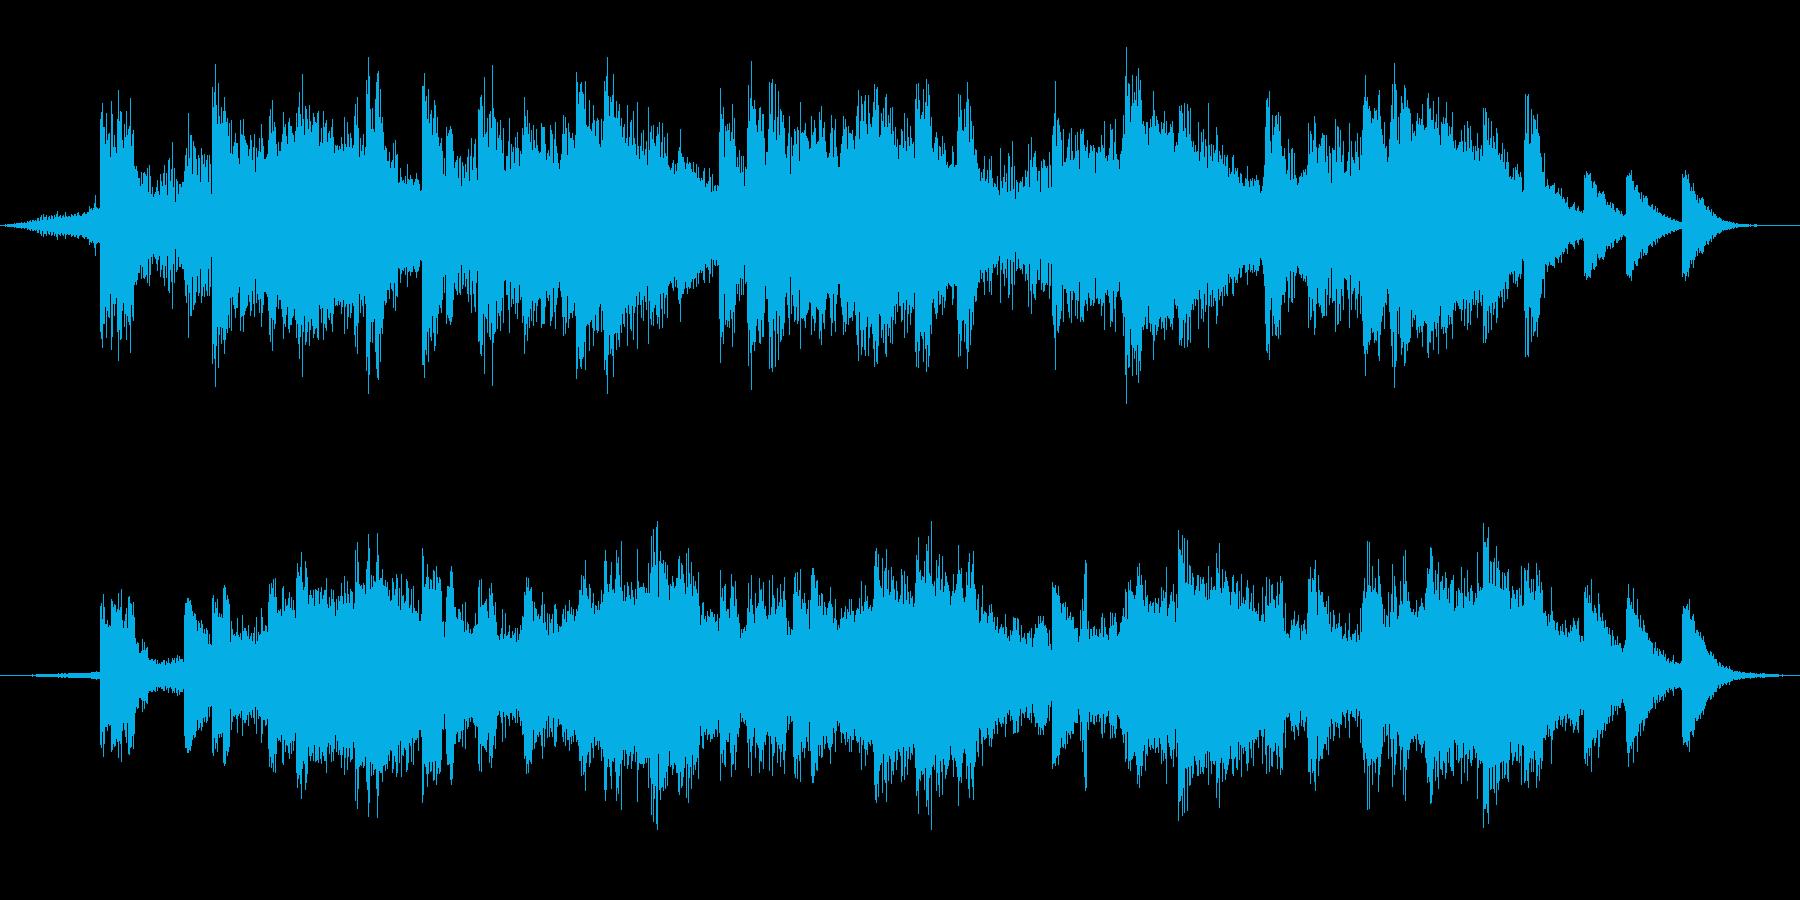 戦場イメージの効果音(タイプD)の再生済みの波形